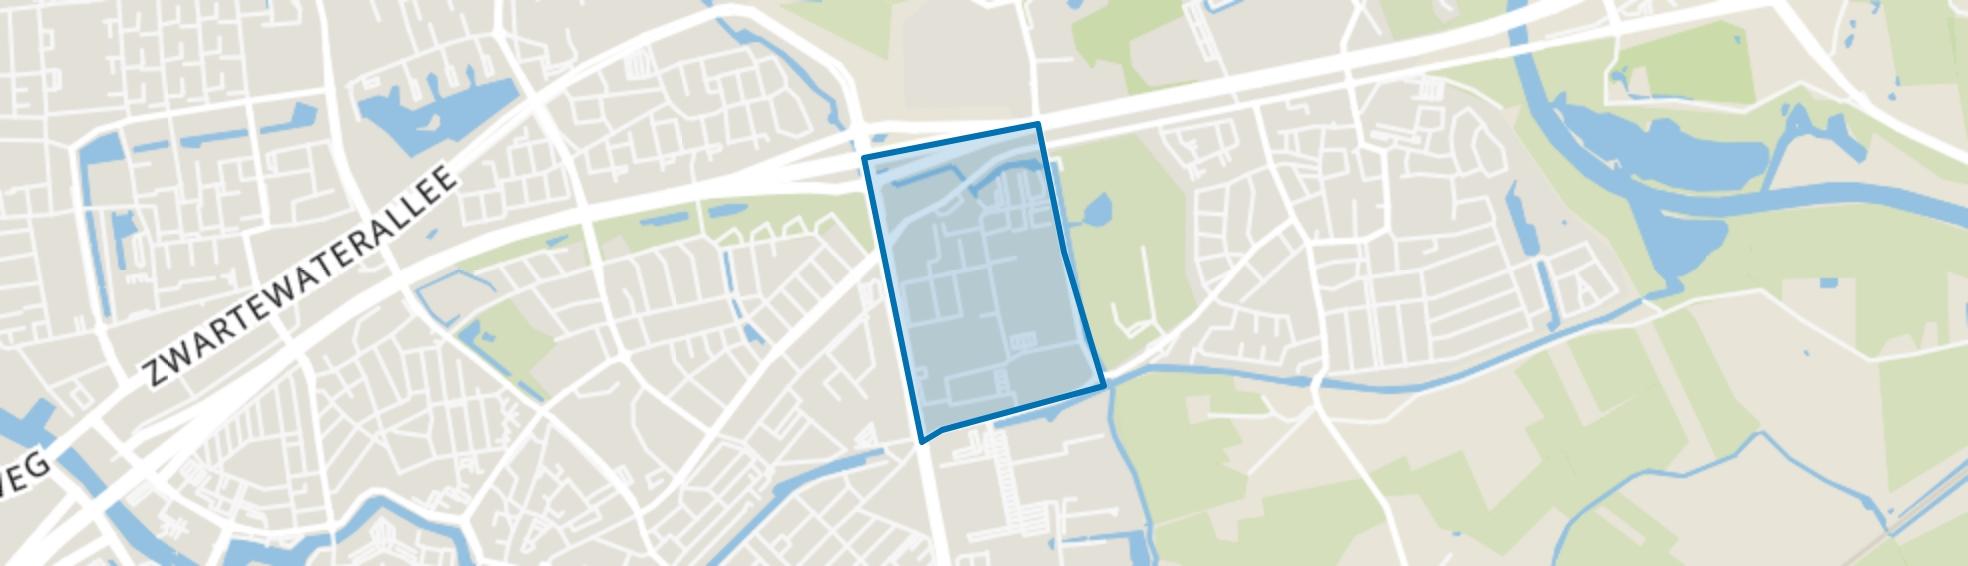 Bedrijventerrein de Vrolijkheid, Zwolle map